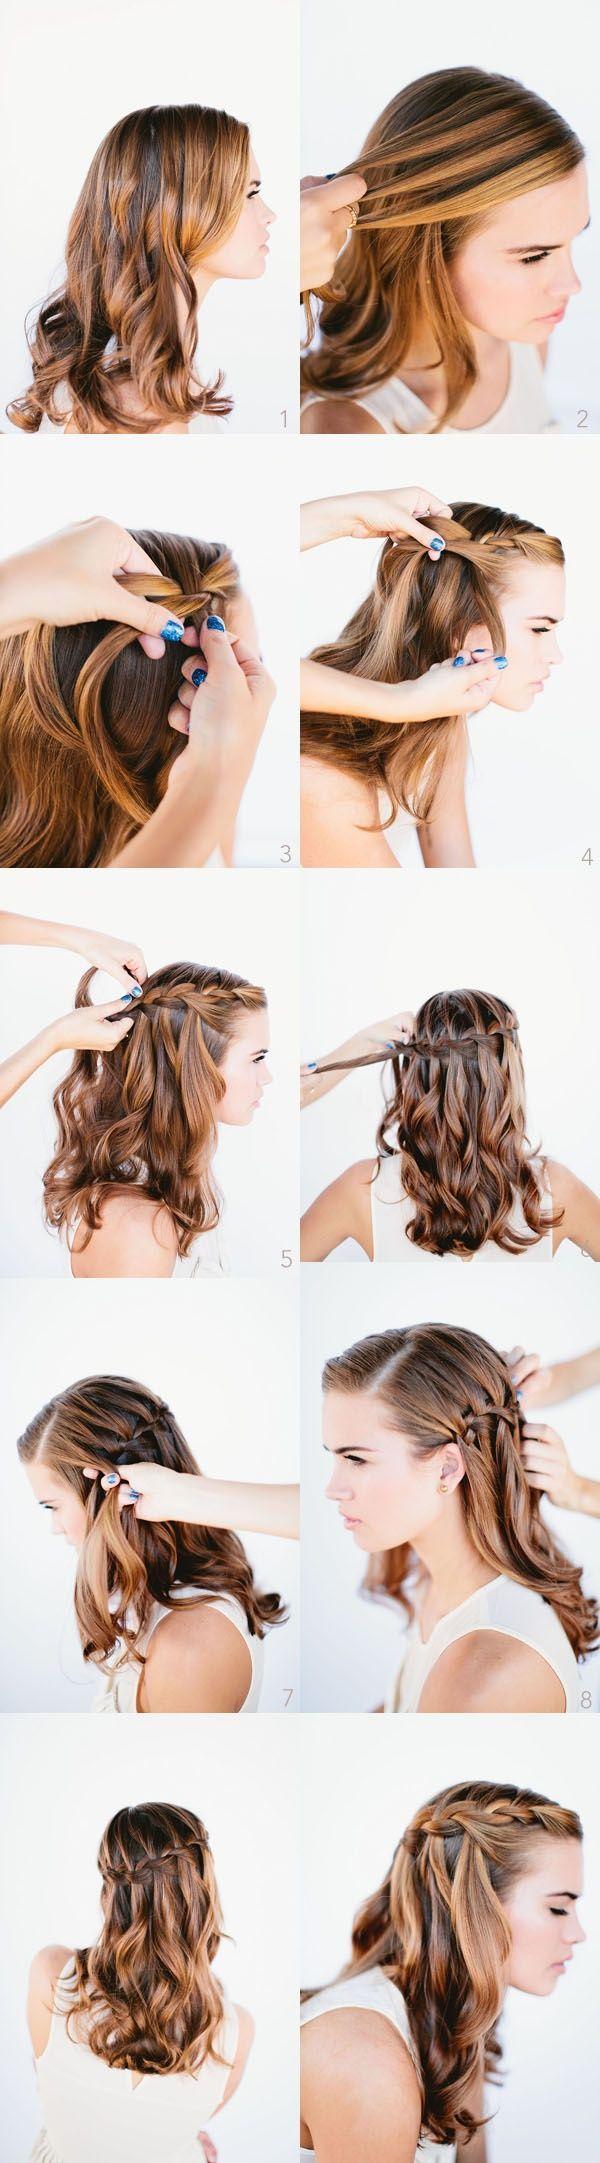 12 romantische geflochtene Frisuren mit nützlichen Tutorials